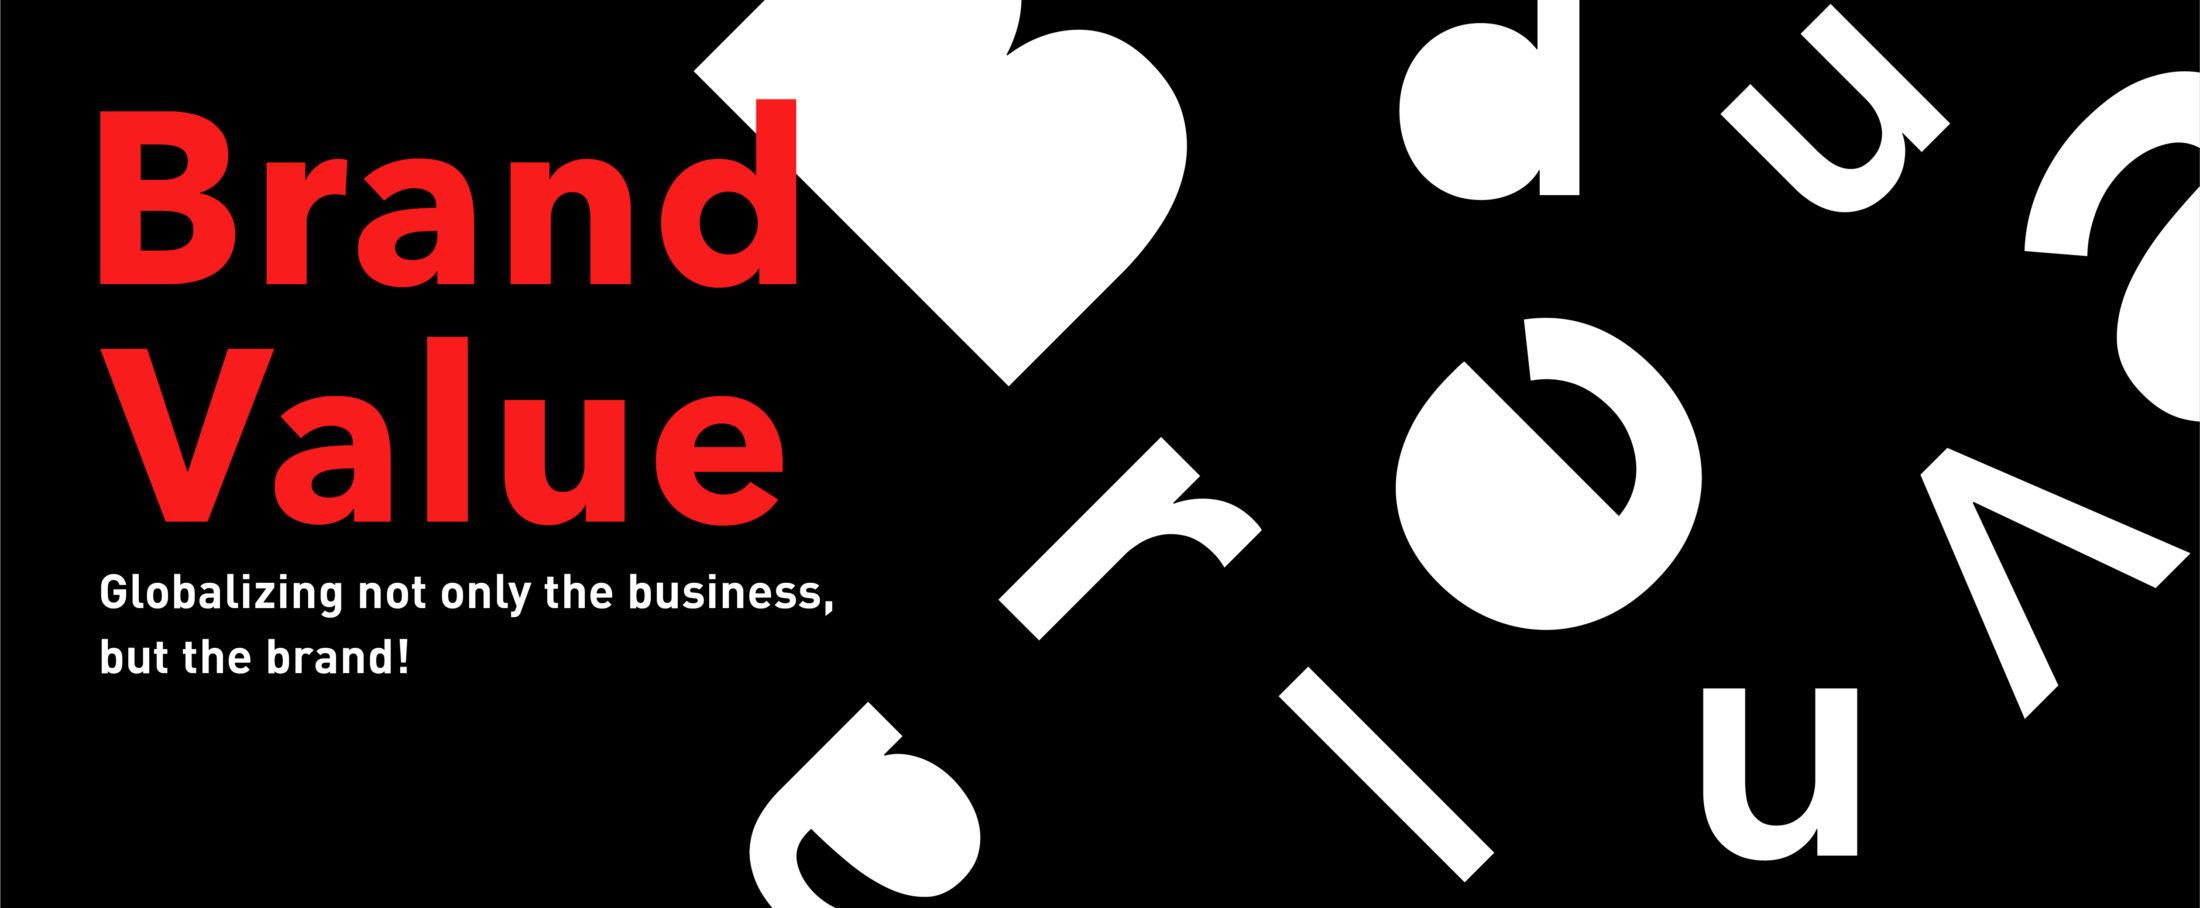 從「產業全球化」邁向「品牌全球化」:企業蛻變與品牌建構的必要性。 » Process 普羅品牌